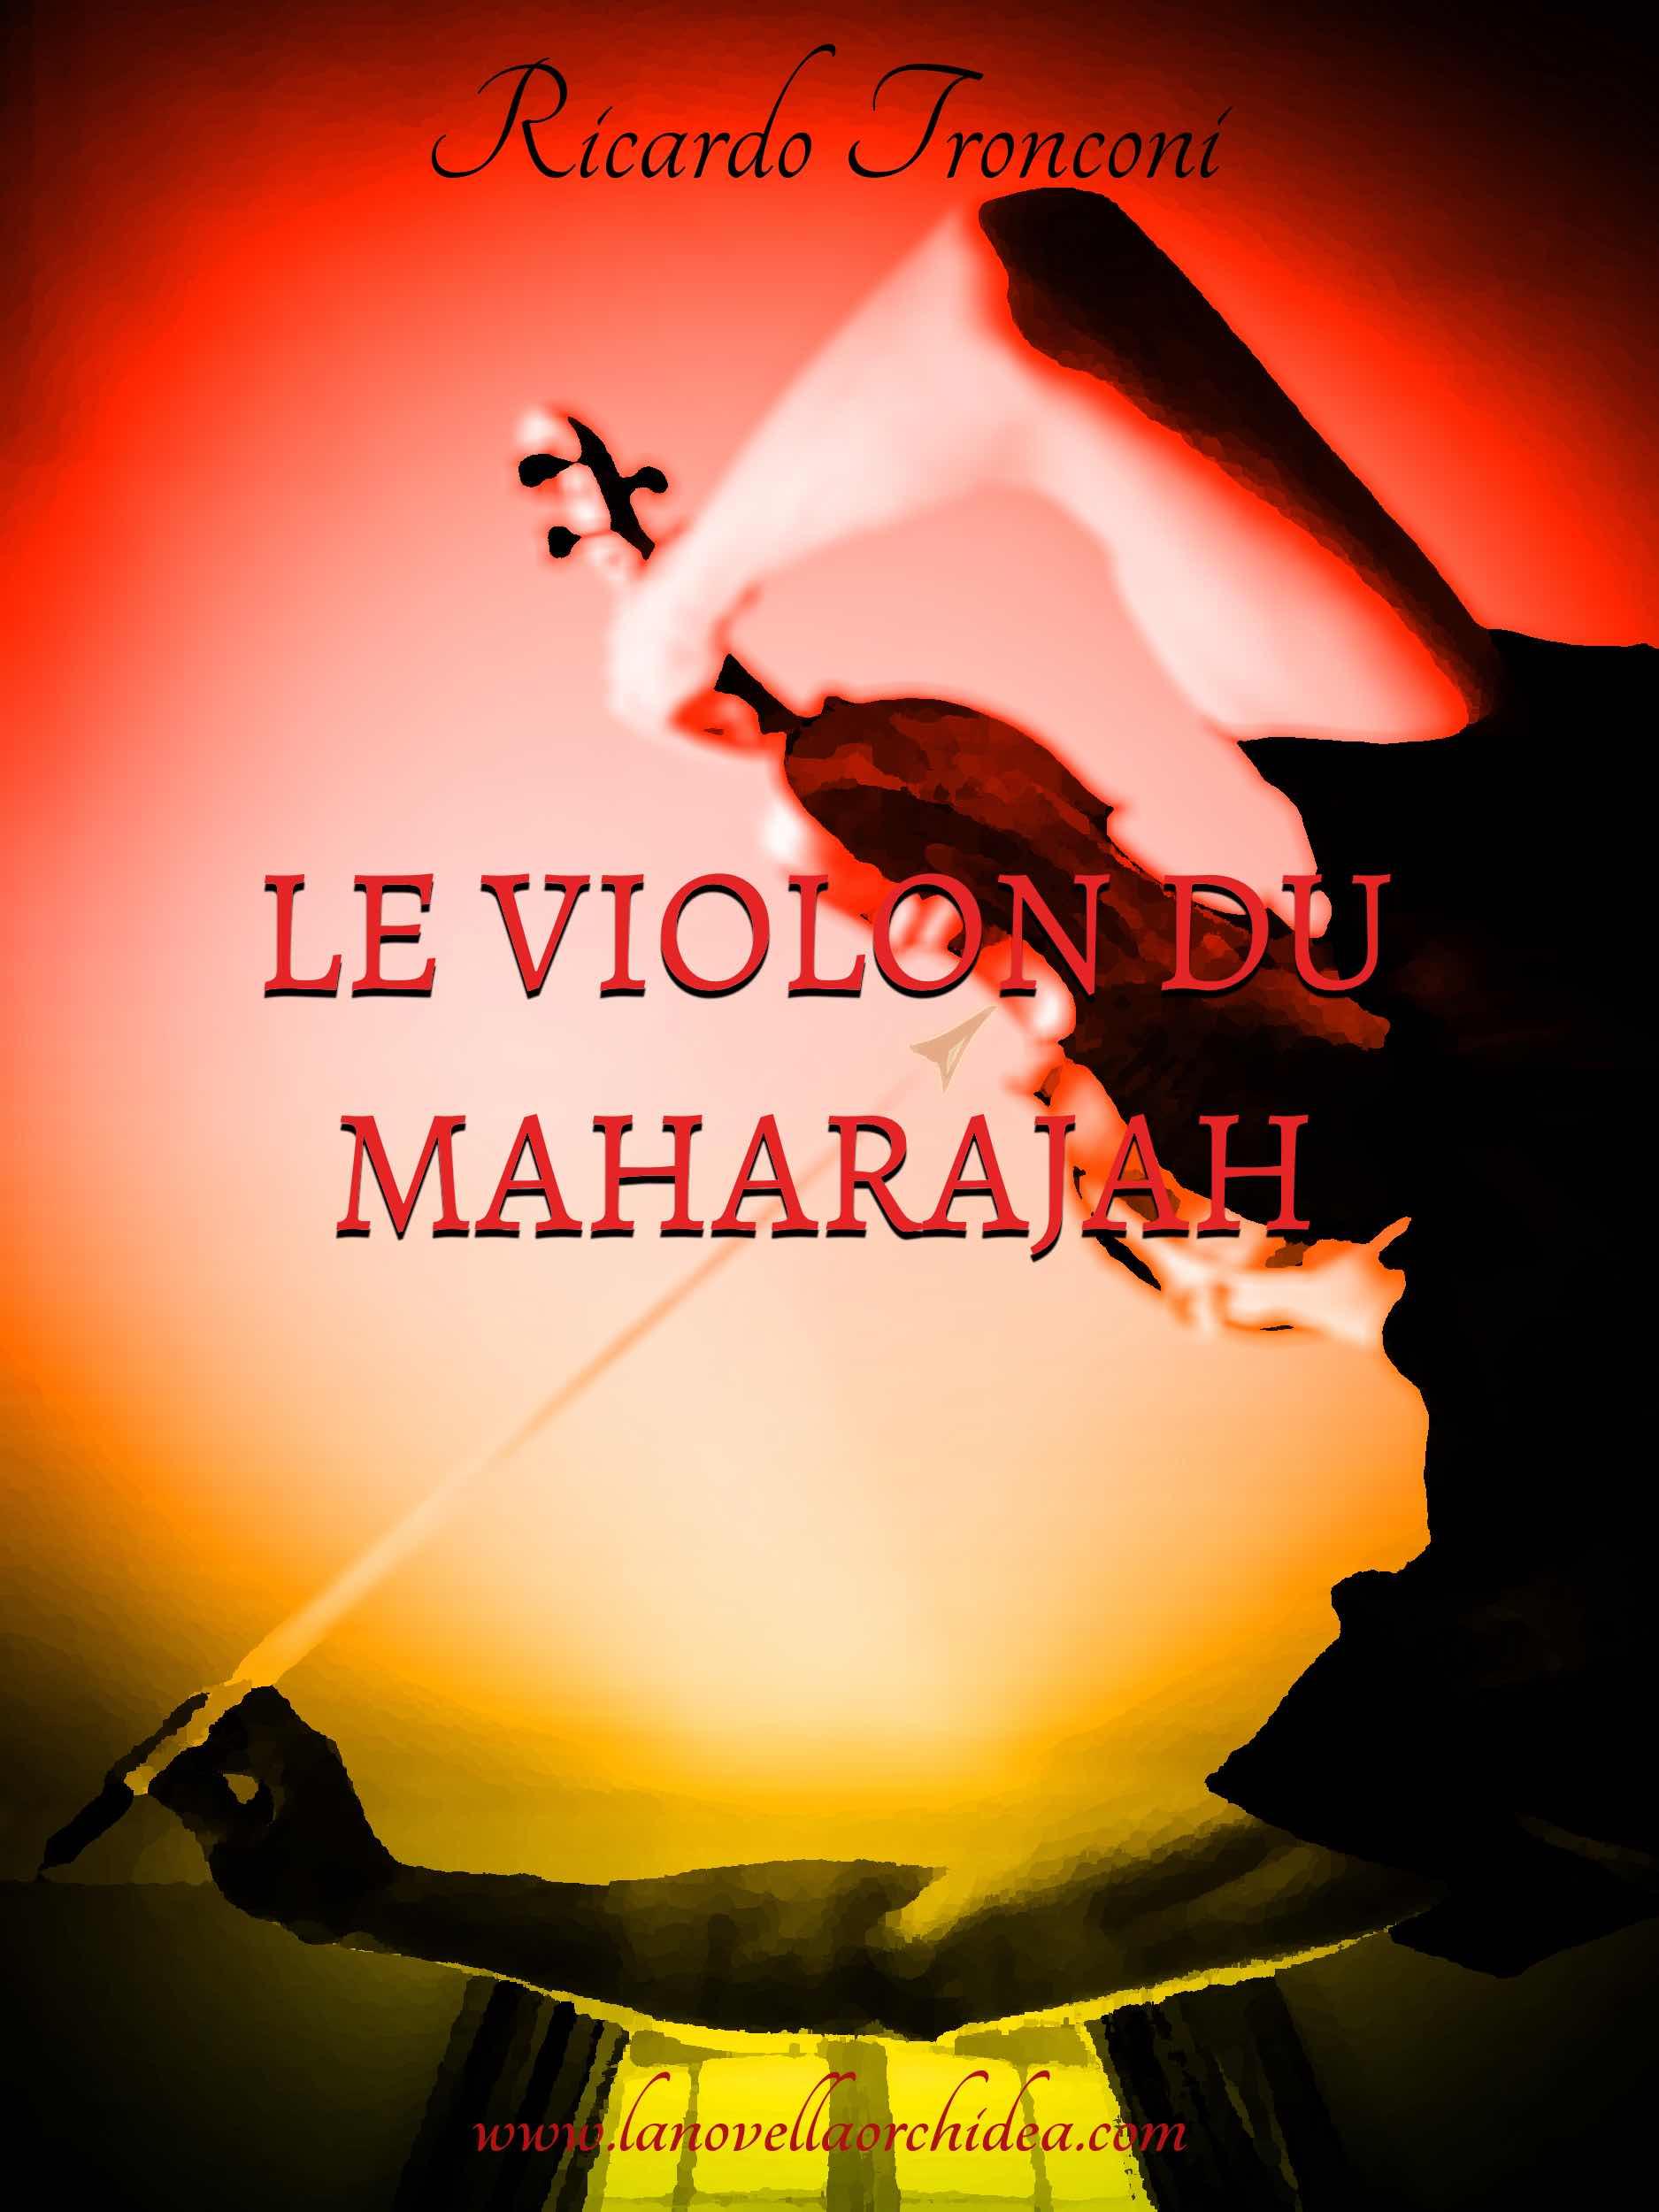 Le Violon du Maharajah